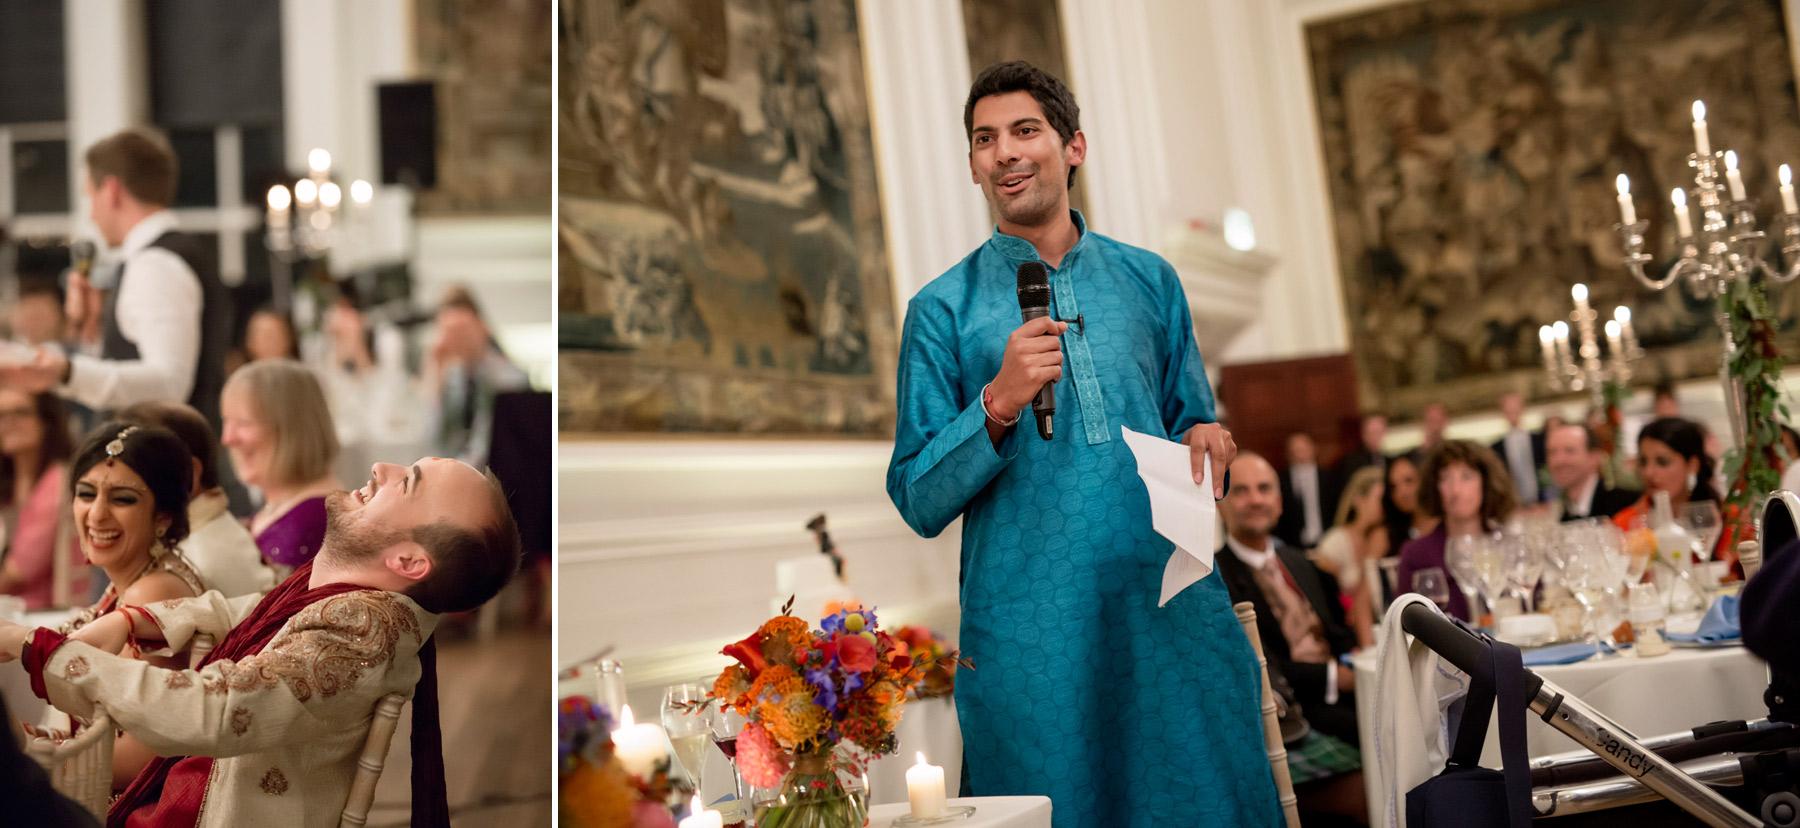 Best man's speech at wedding Hopetoun House Scotland